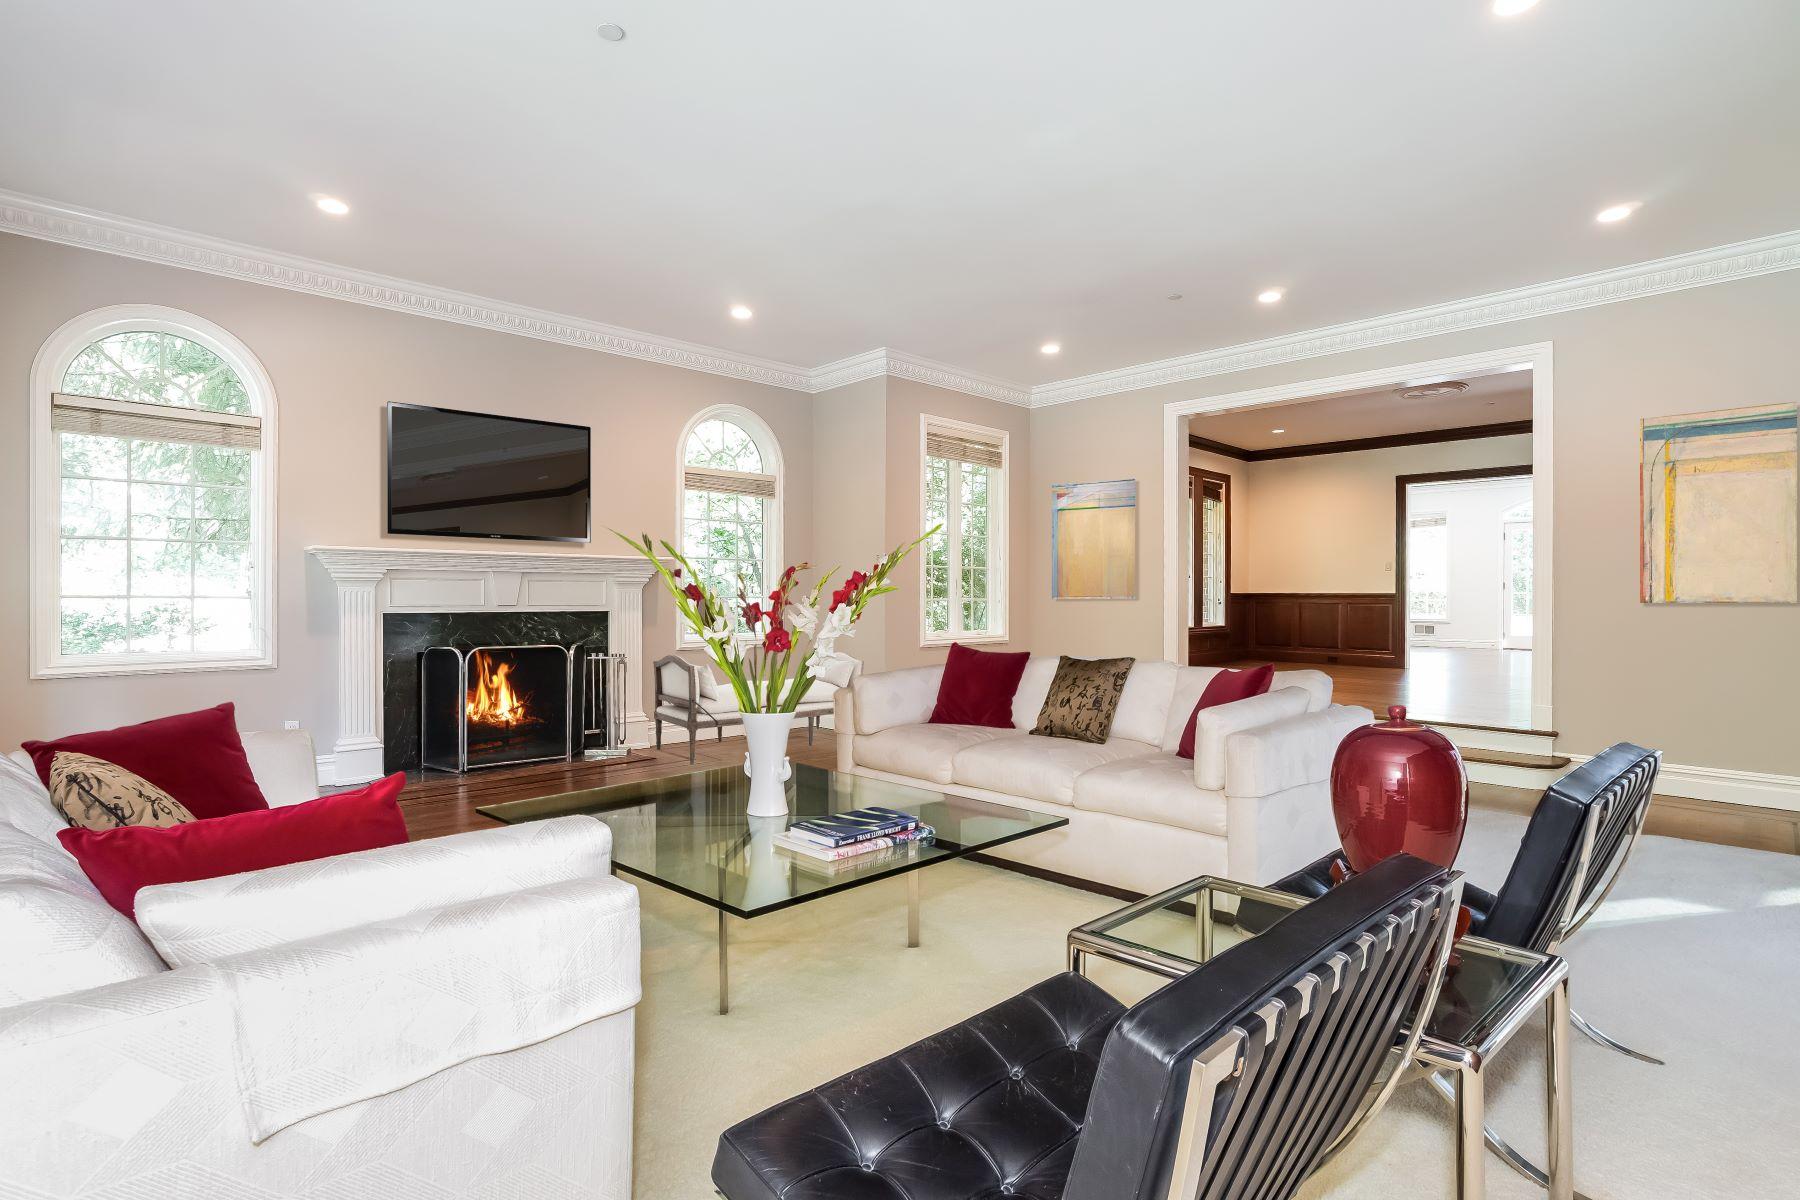 Частный односемейный дом для того Продажа на 5 Woods End Rye, Нью-Йорк, 10580 Соединенные Штаты